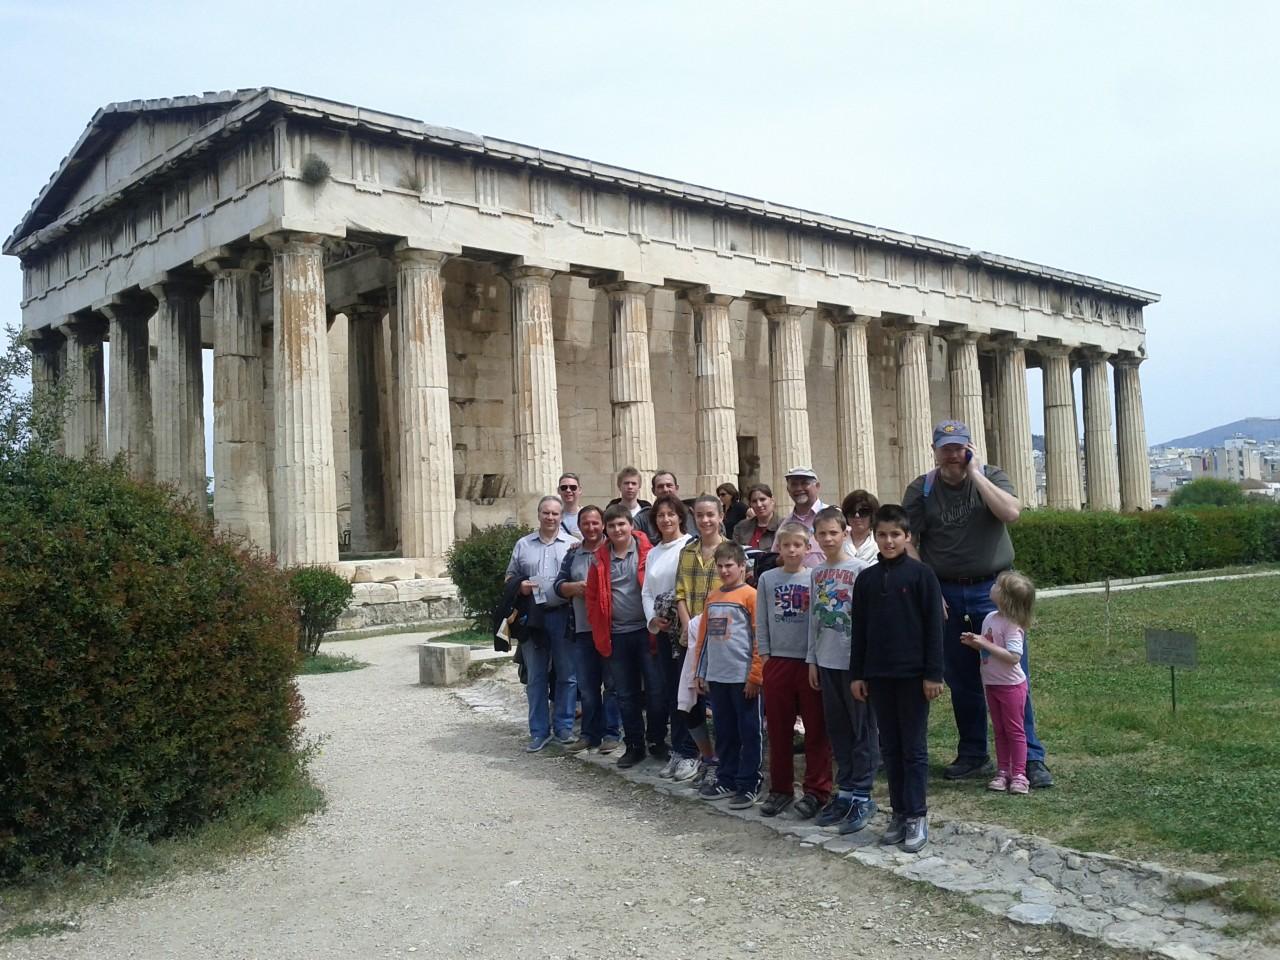 Ξενάγηση στην Αρχαία Αγορά της Αθήνας